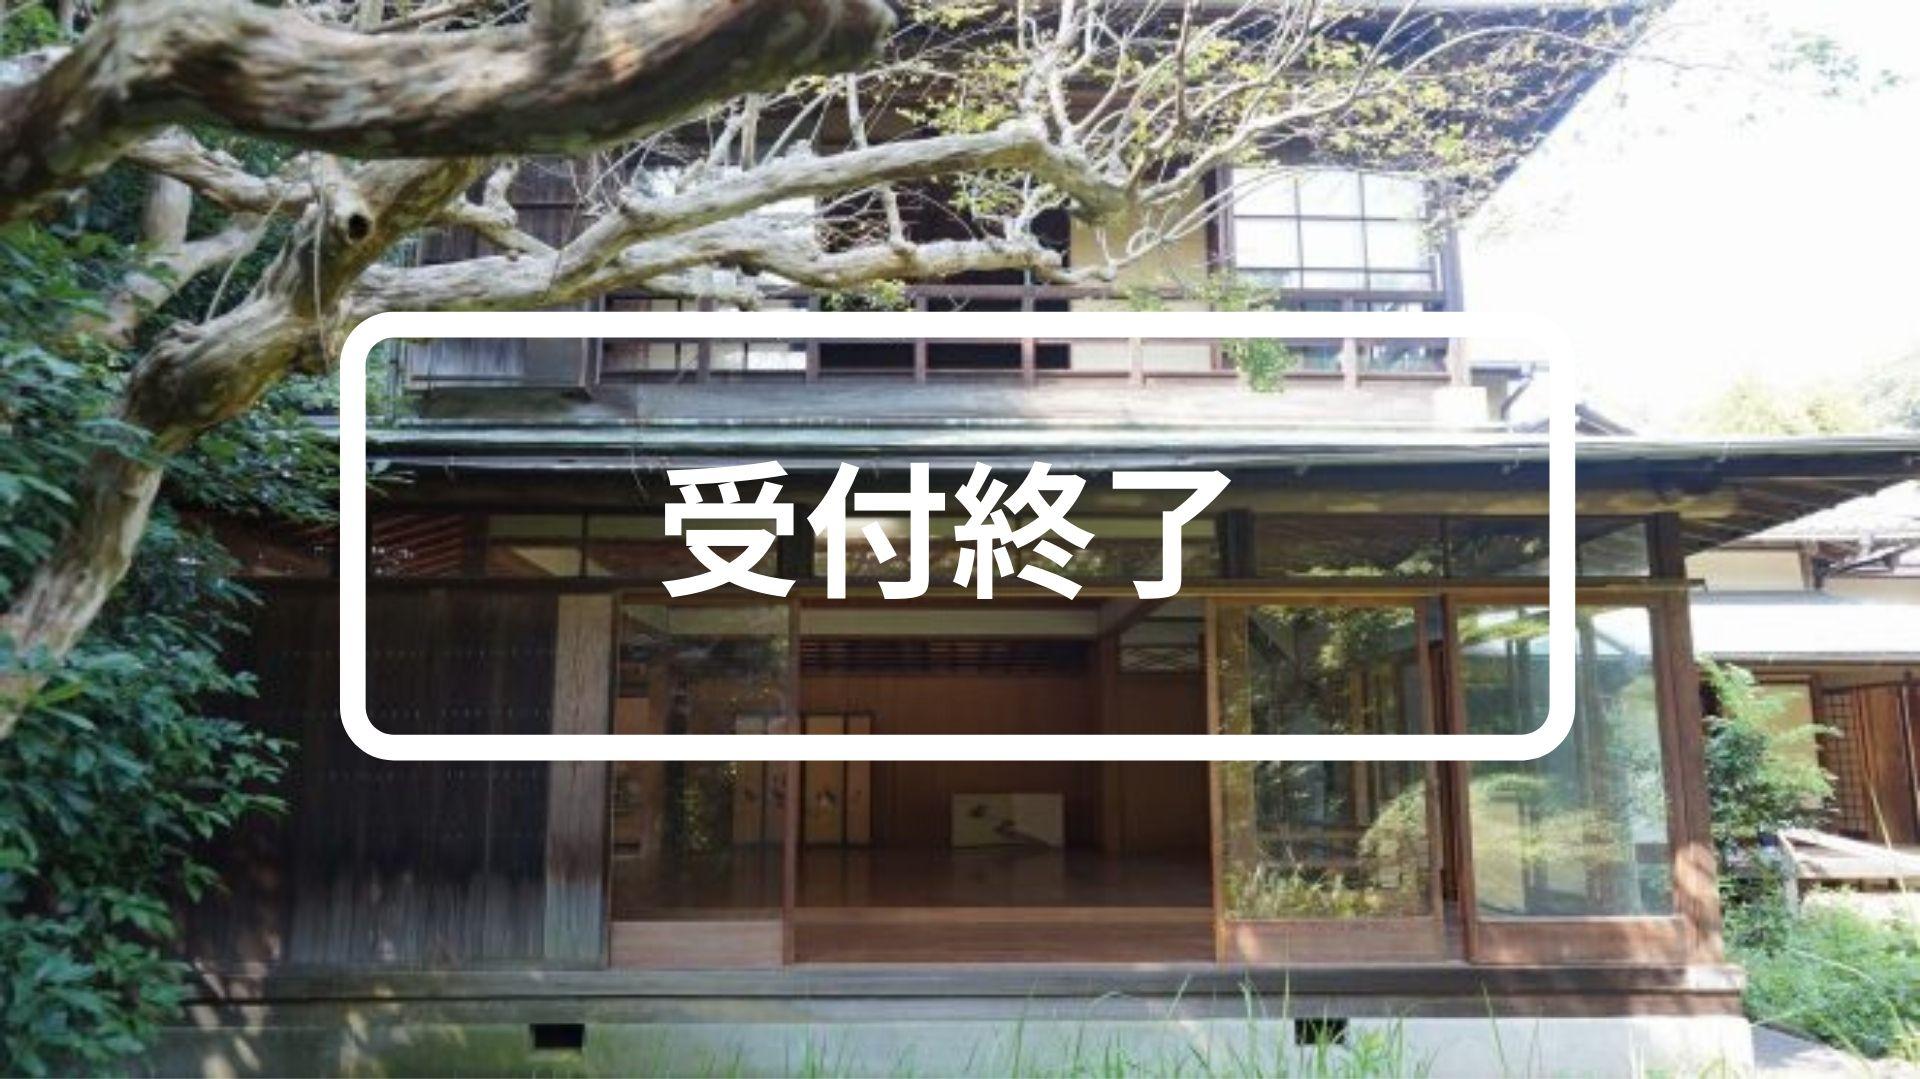 旧村上邸-鎌倉みらいラボ- 鎌倉の古民家がコミュニティー拠点へ